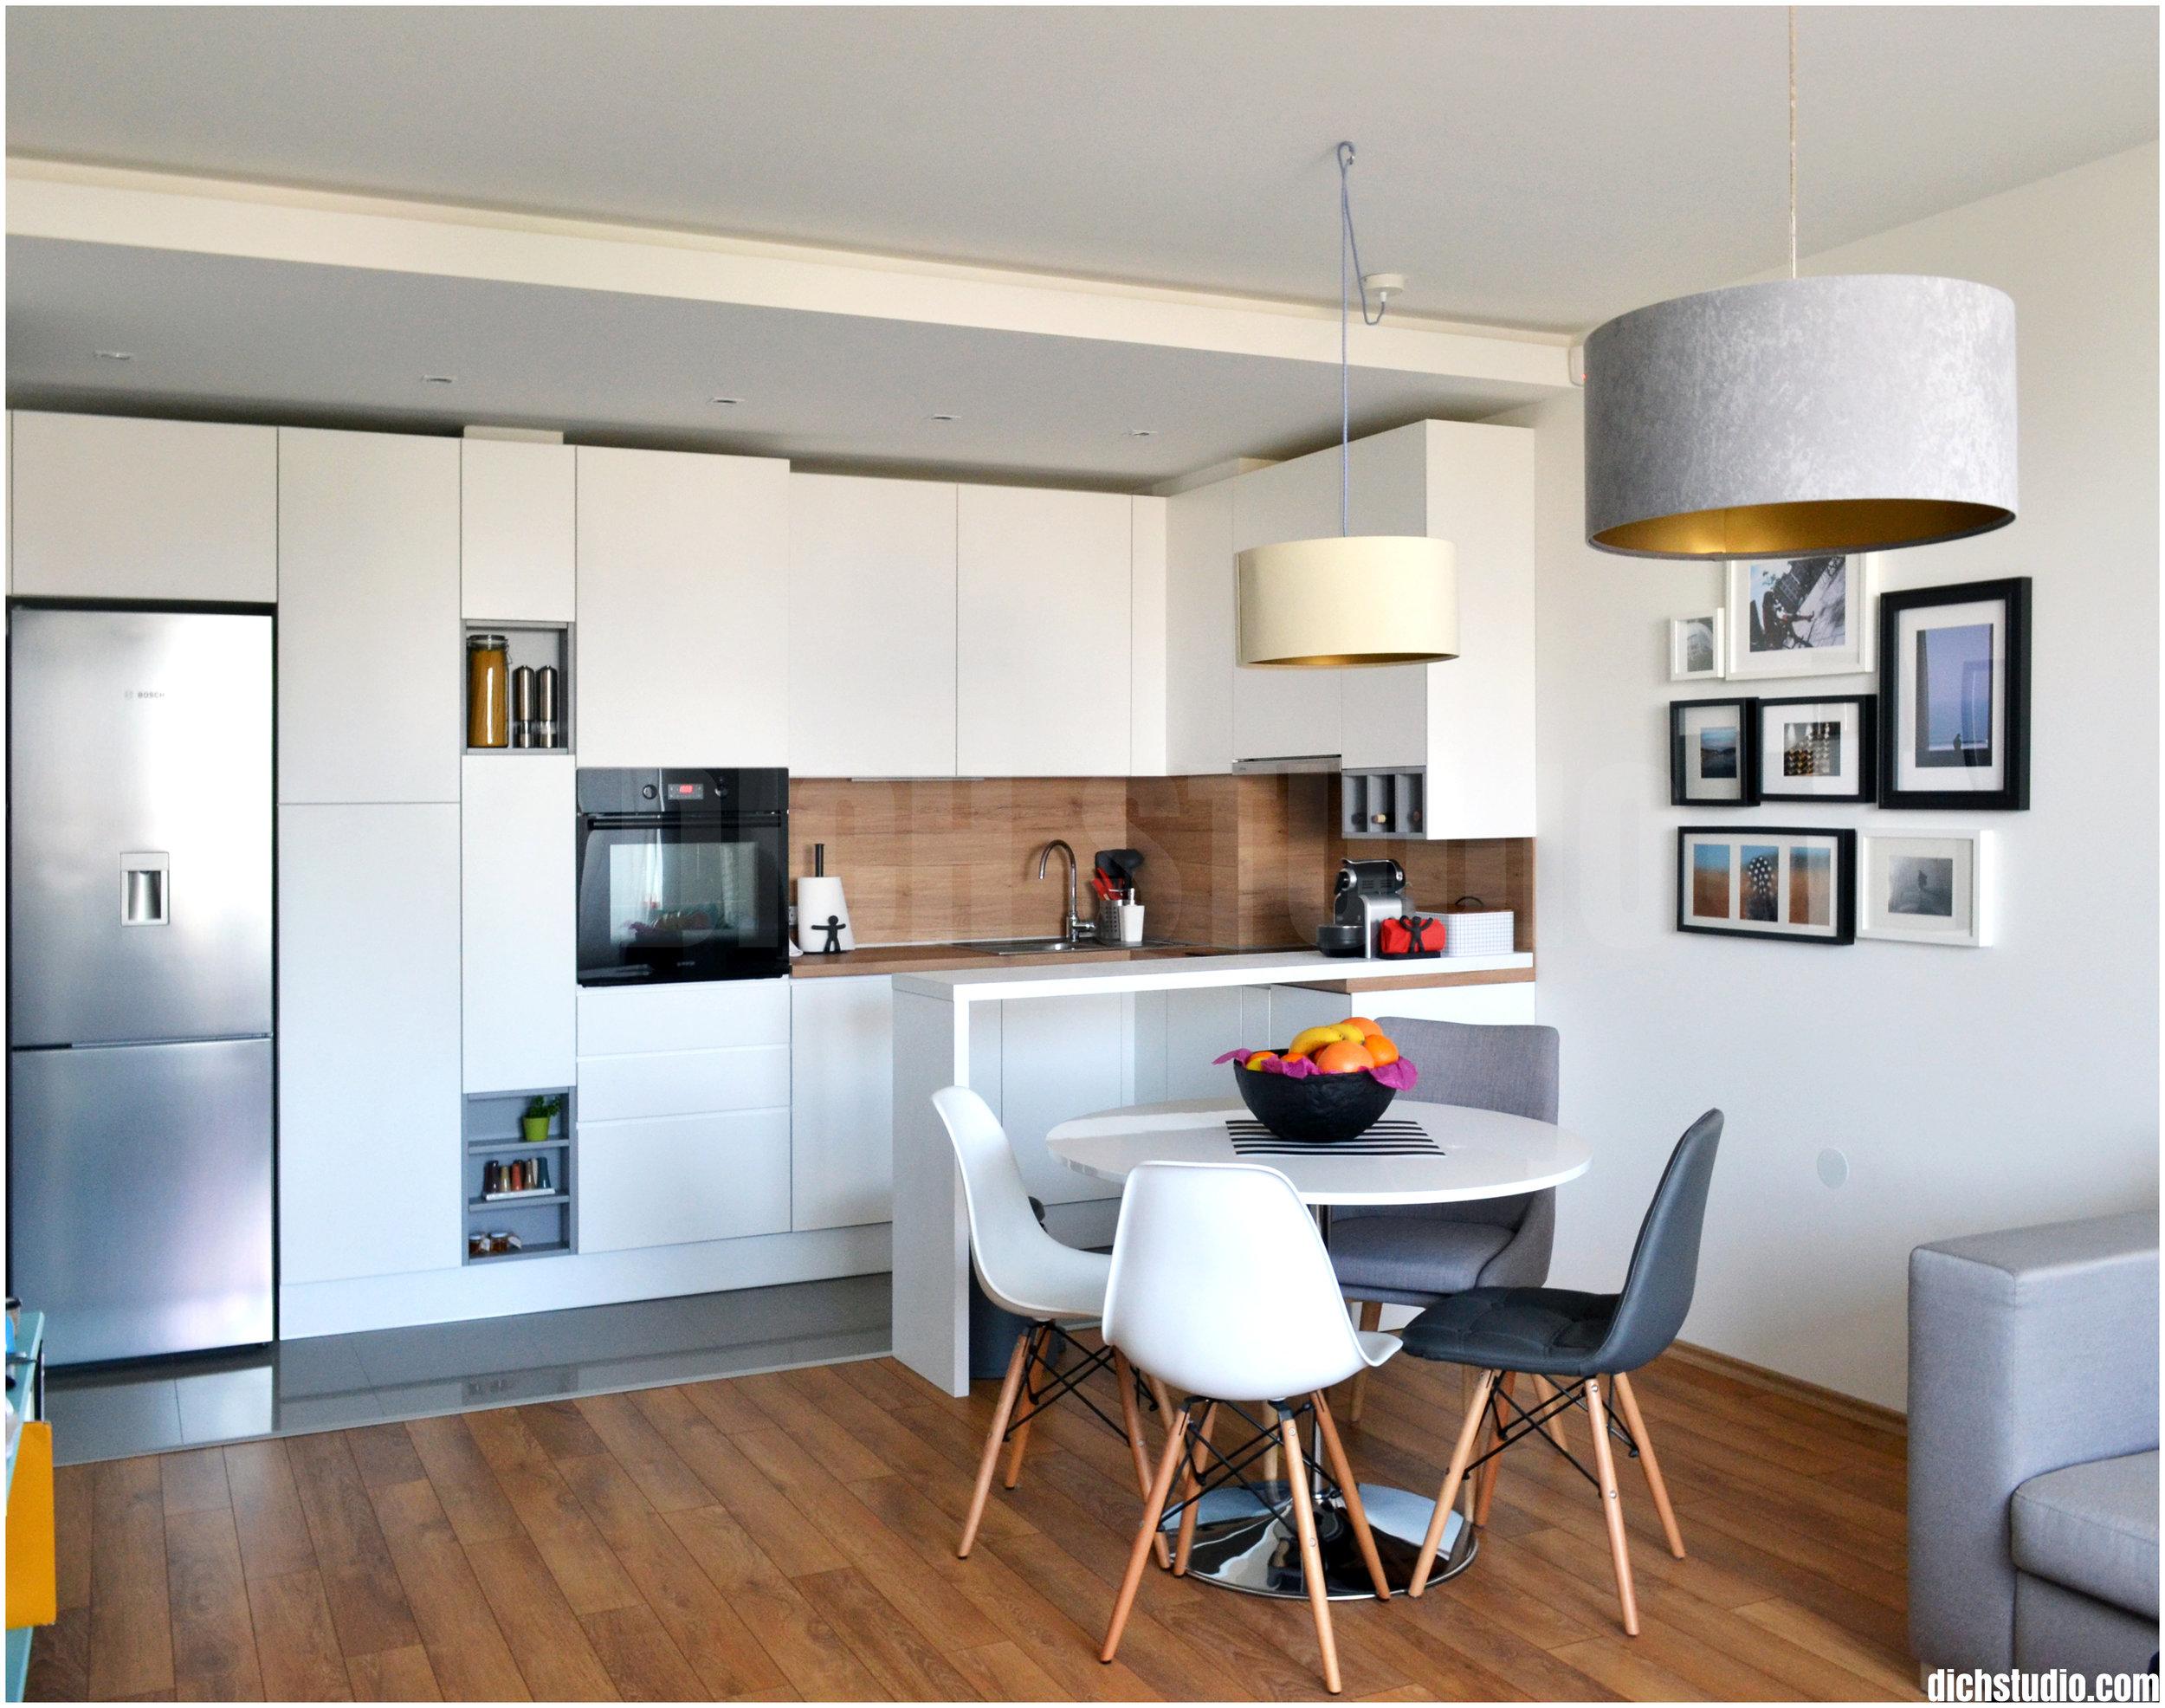 Снимка интериорен дизайн кухня дневна модерна бяла София